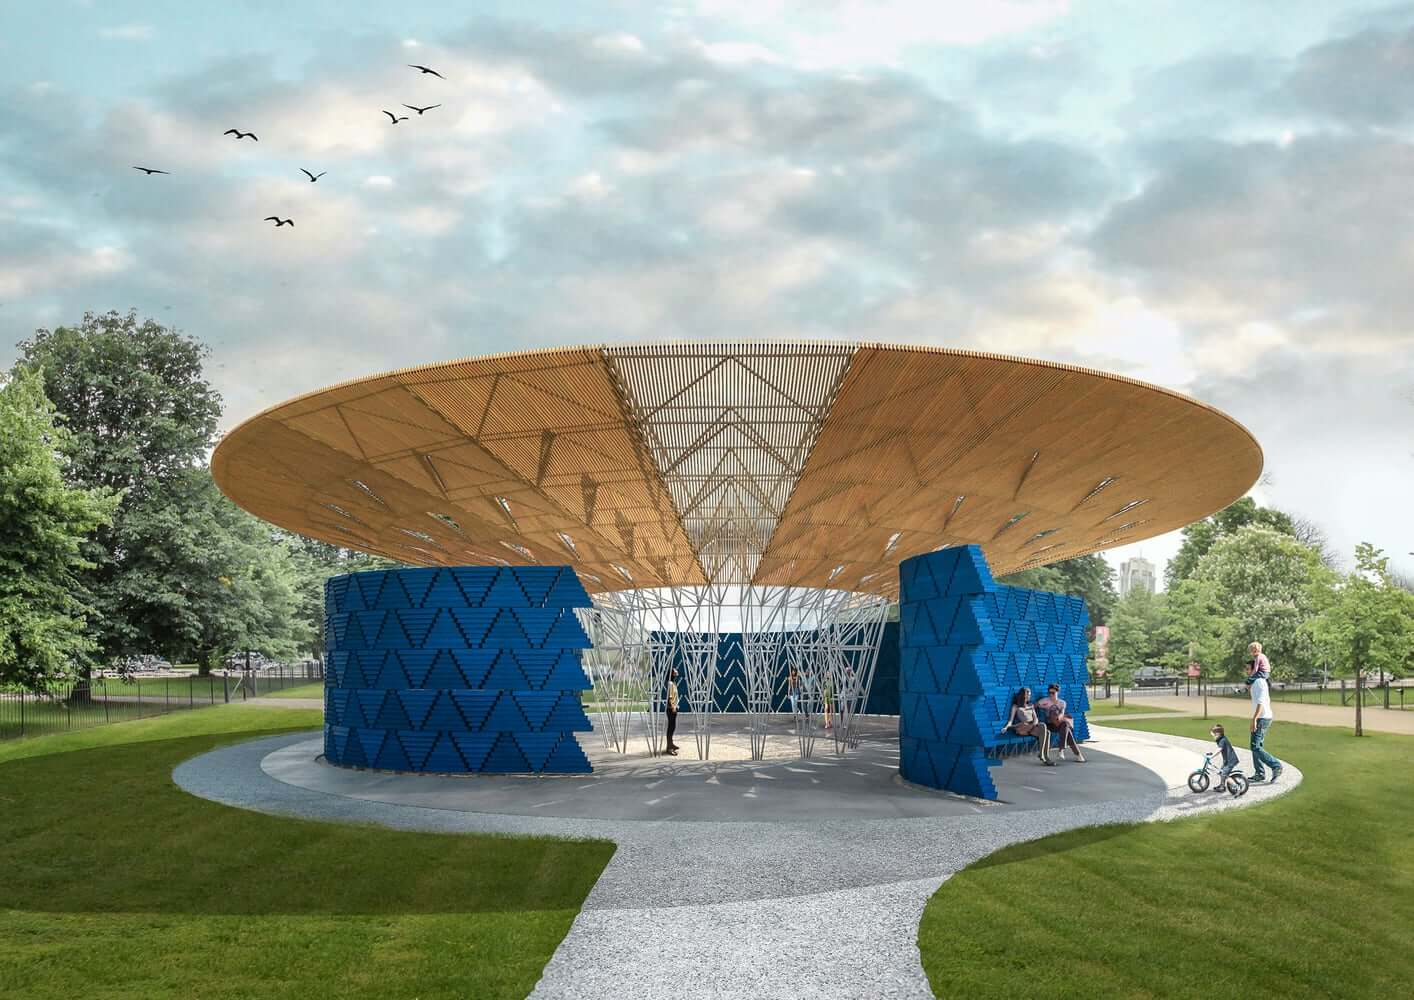 Francis Kéré escolhido para projetar o Serpentine Pavilion 2017